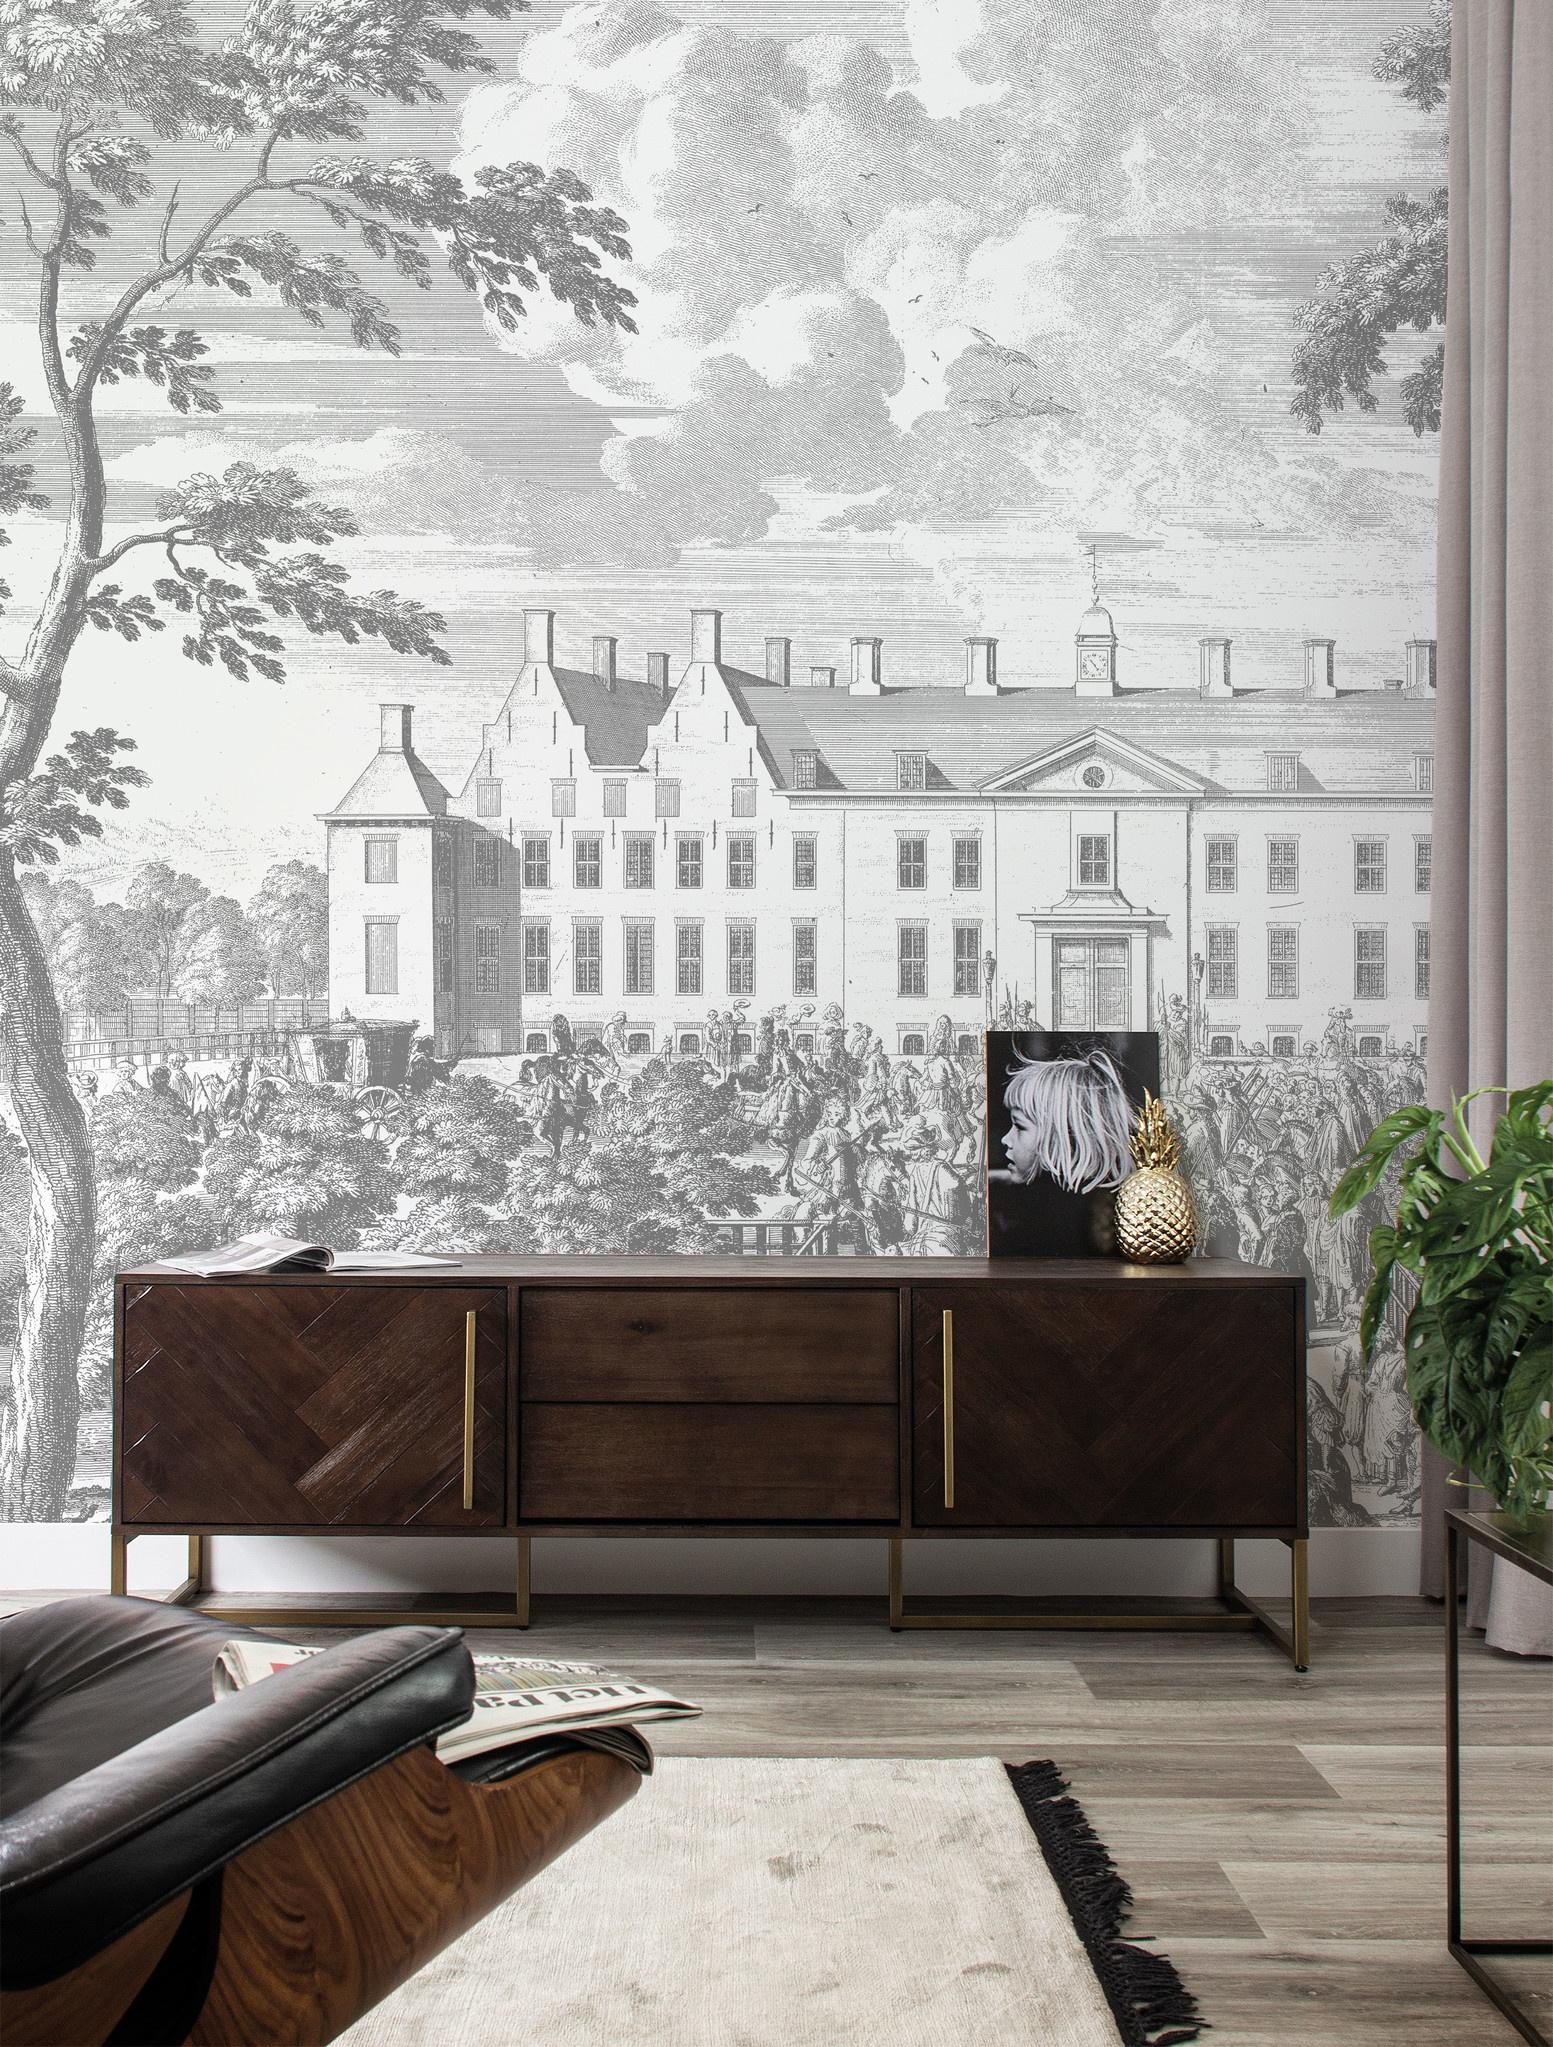 Behang Engraved Landscapes 292.2x280cm-2